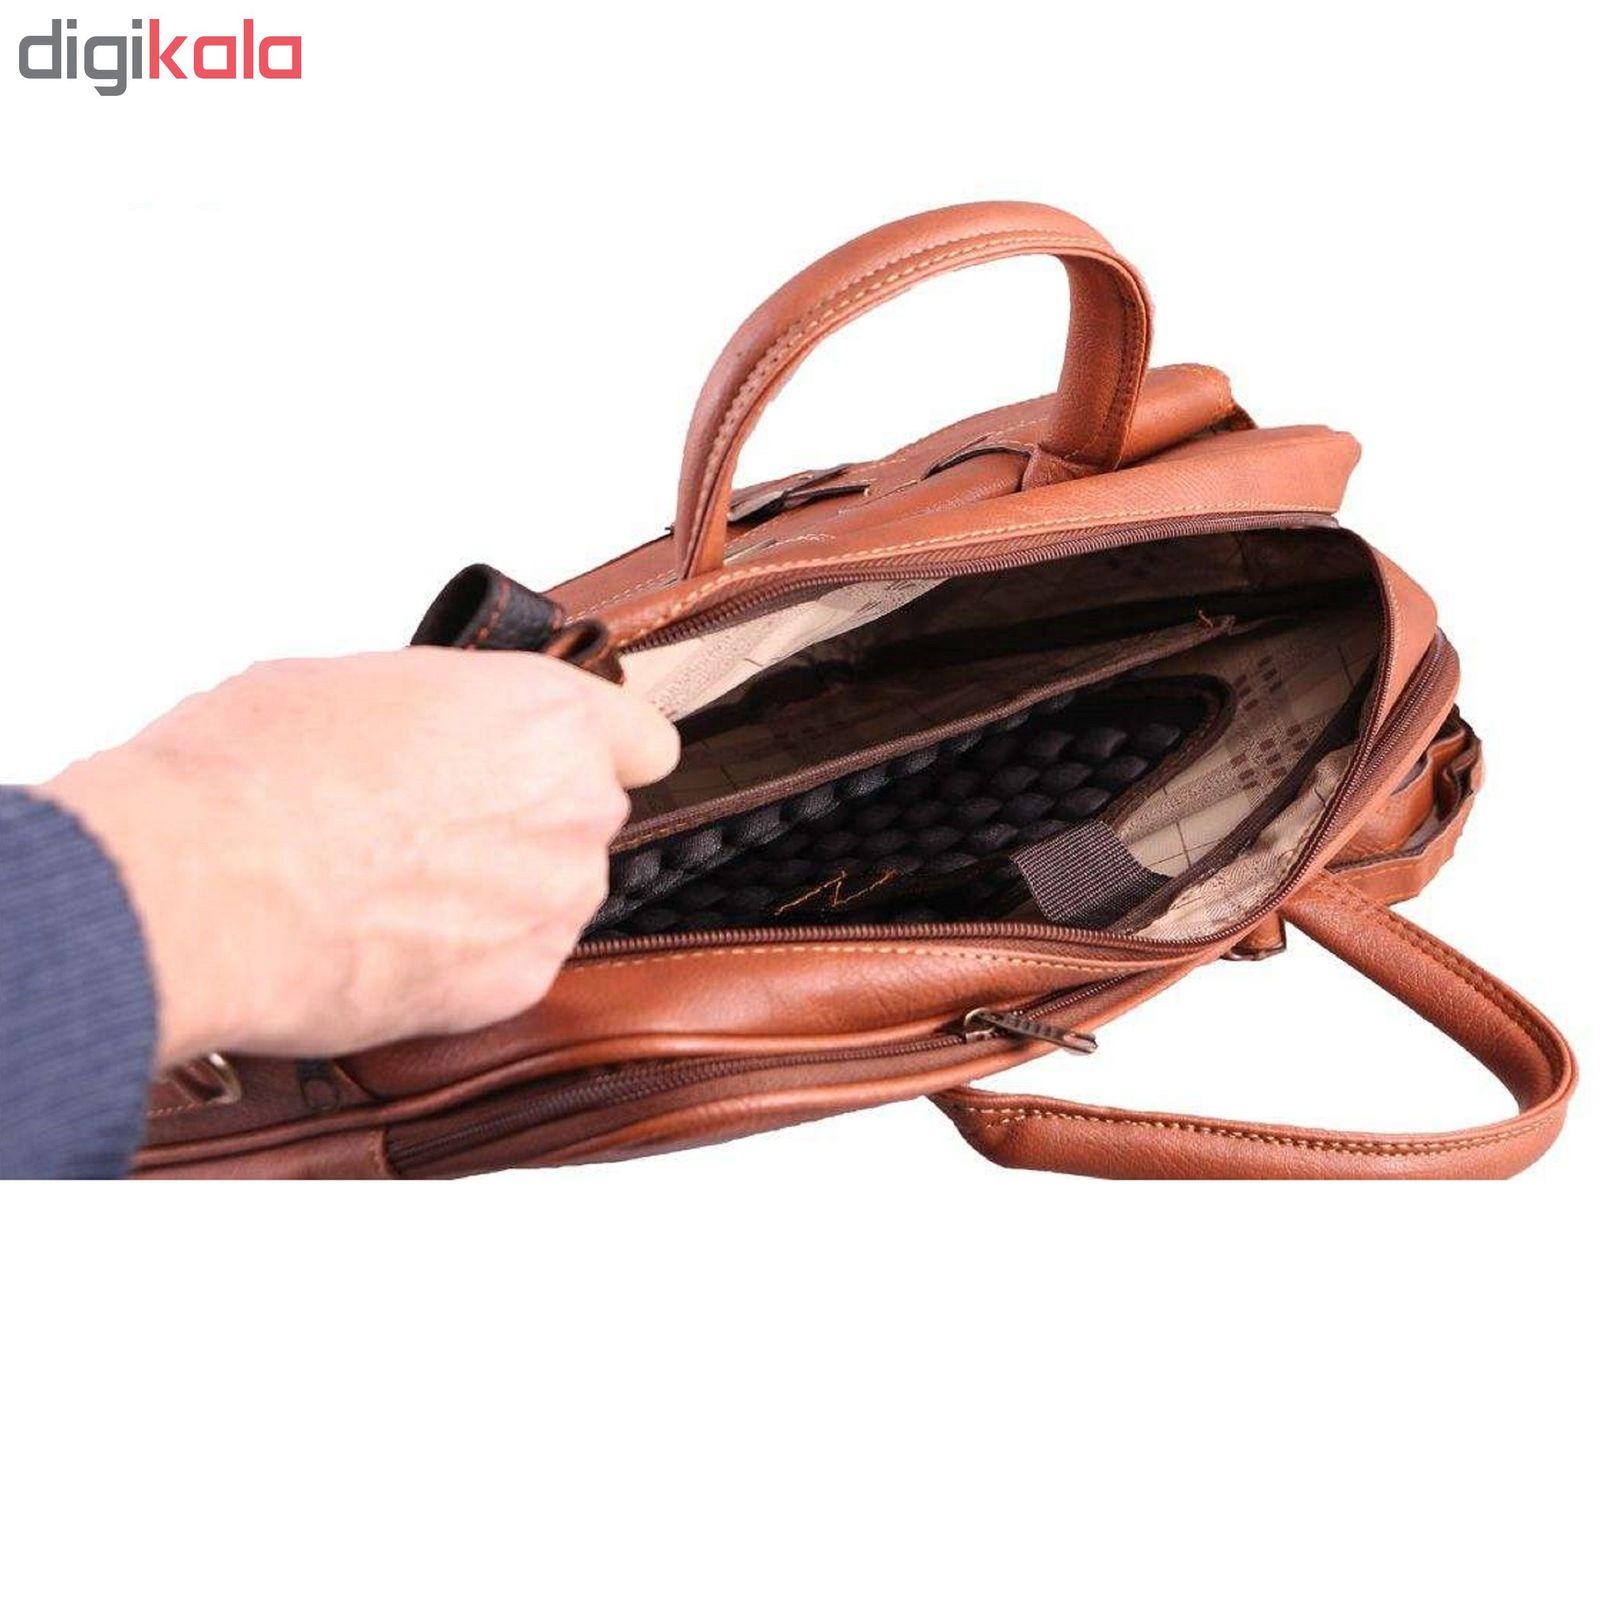 کیف لپ تاپ پارینه کد TGH132 مناسب برای لپ تاپ 15 اینچی main 1 8